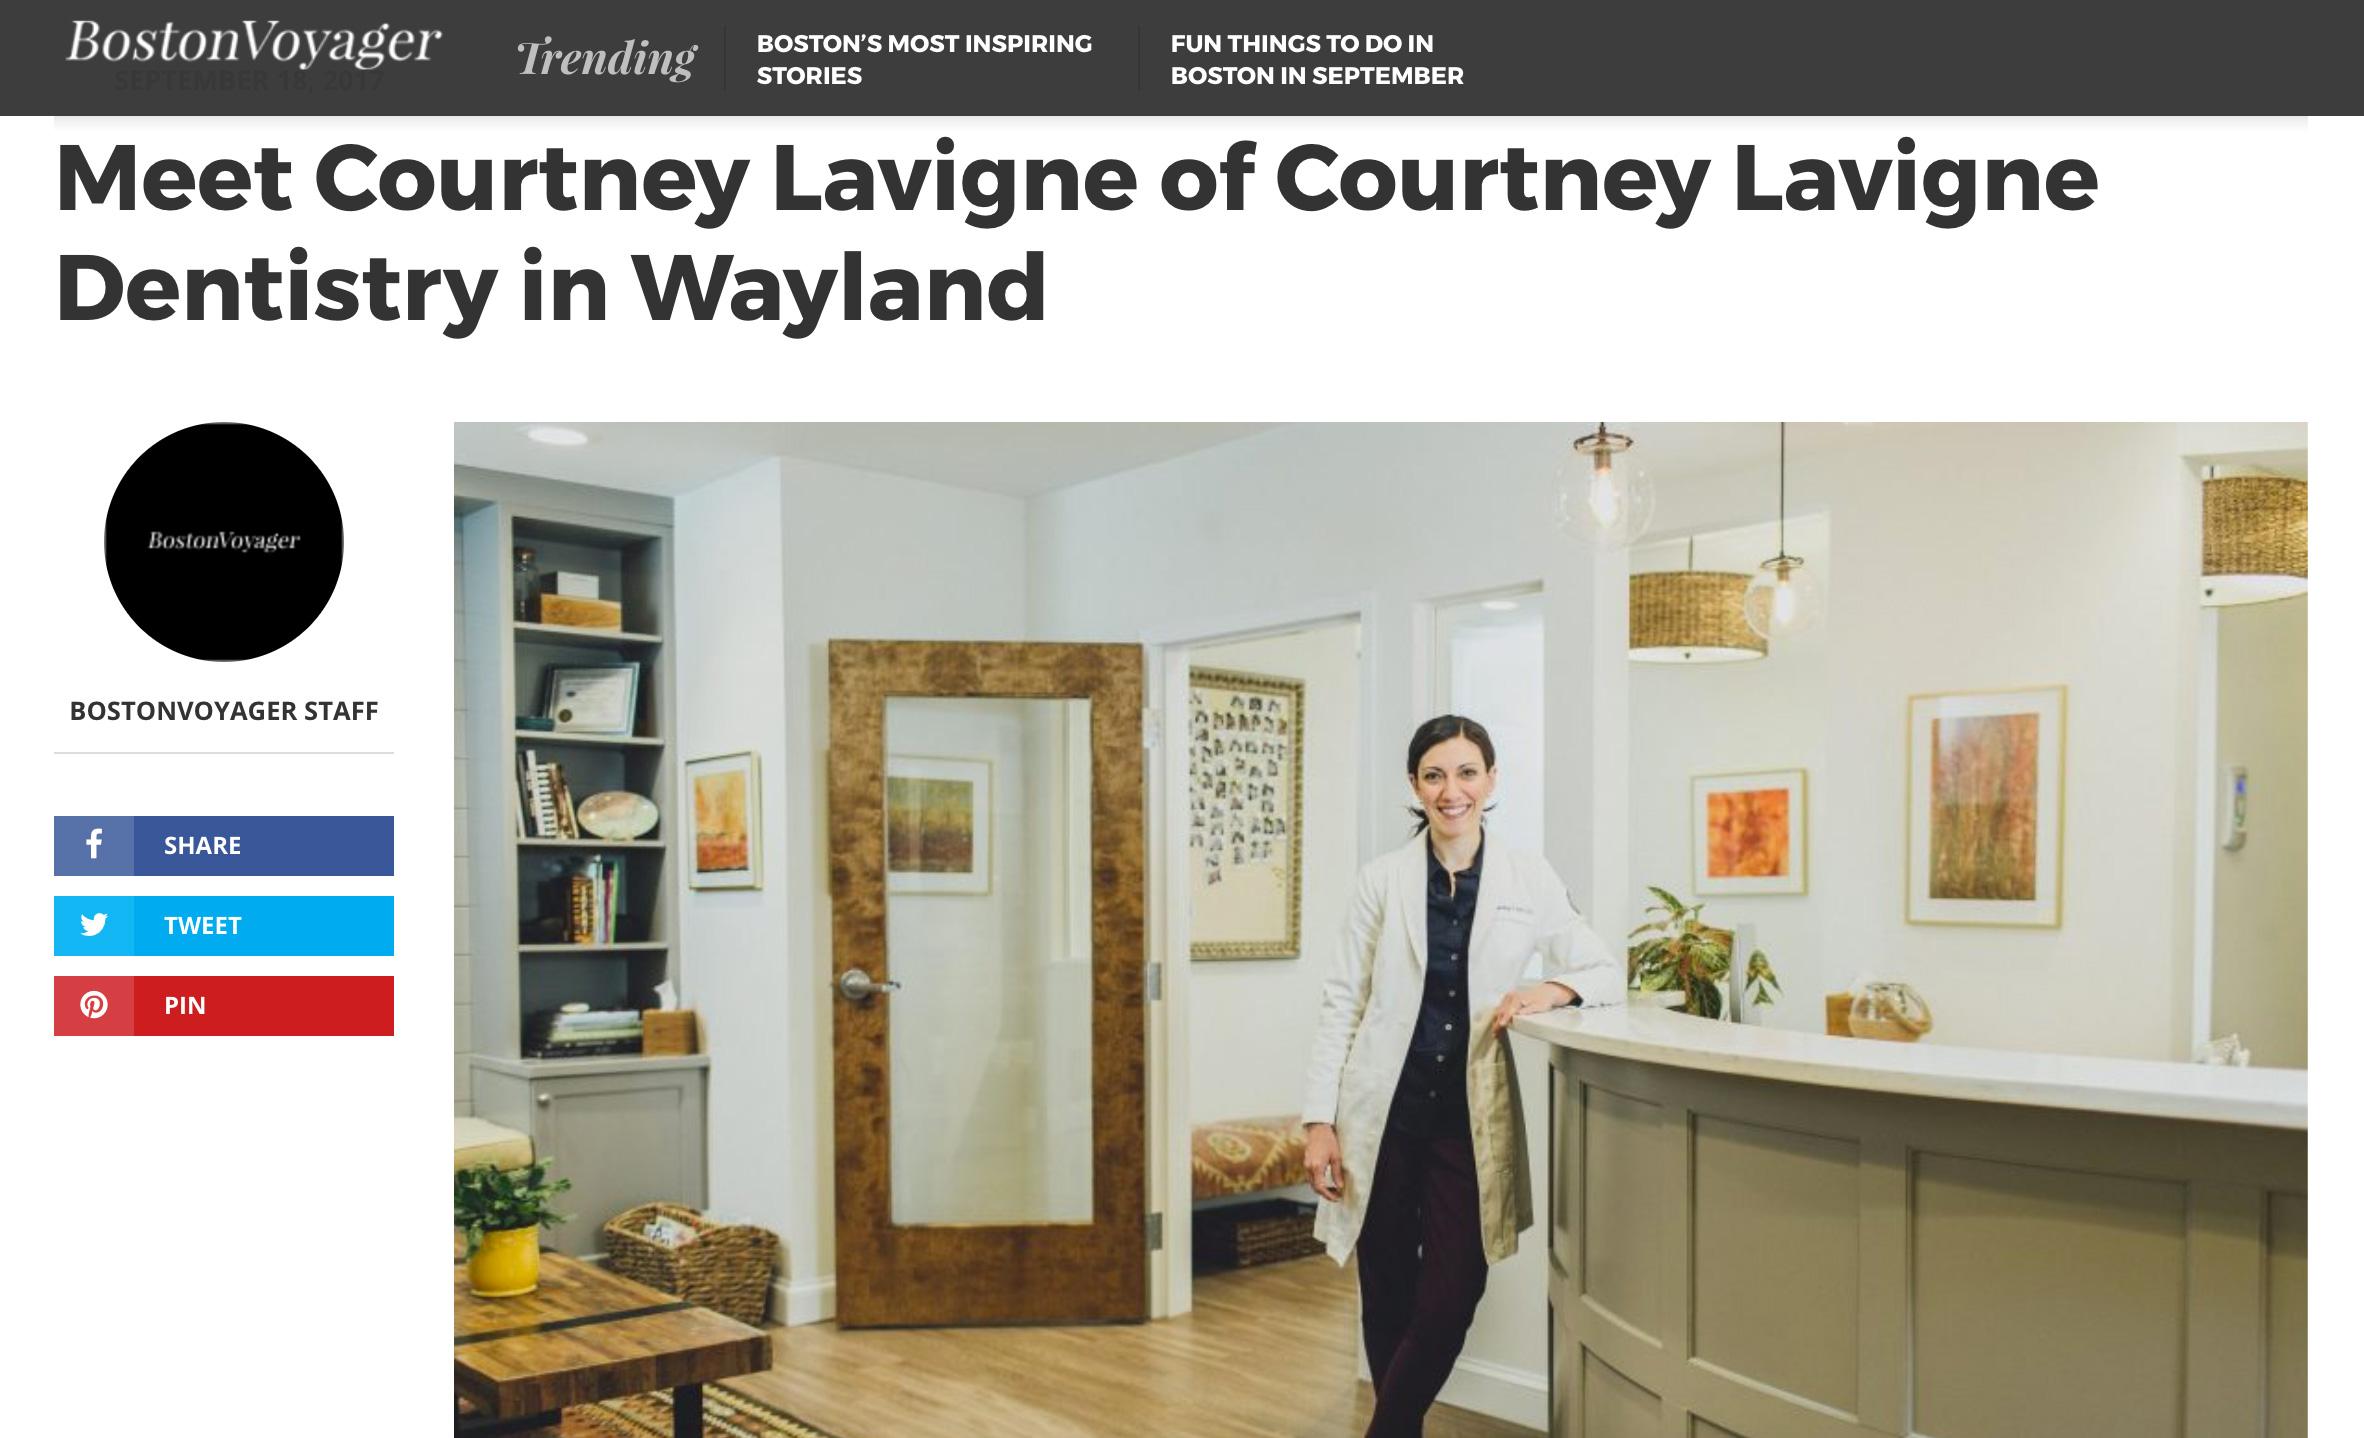 boston-voyager-courtney-lavigne-wayland-dentist.jpg